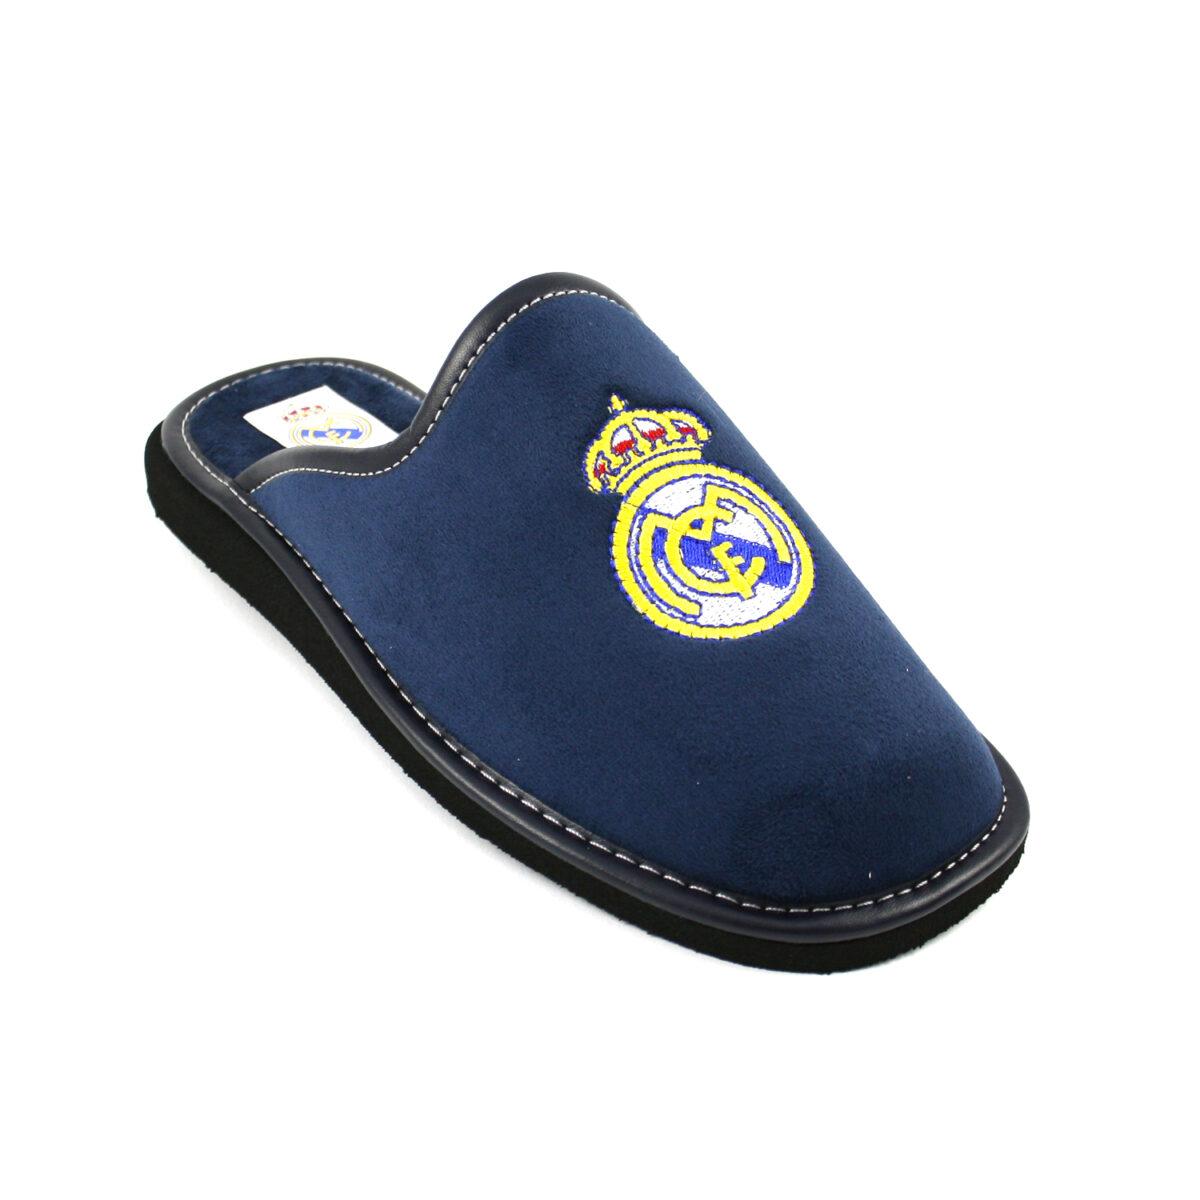 d2466d31a9f1b Zapatilla de casa oficial del Real Madrid » Calzados Dorado